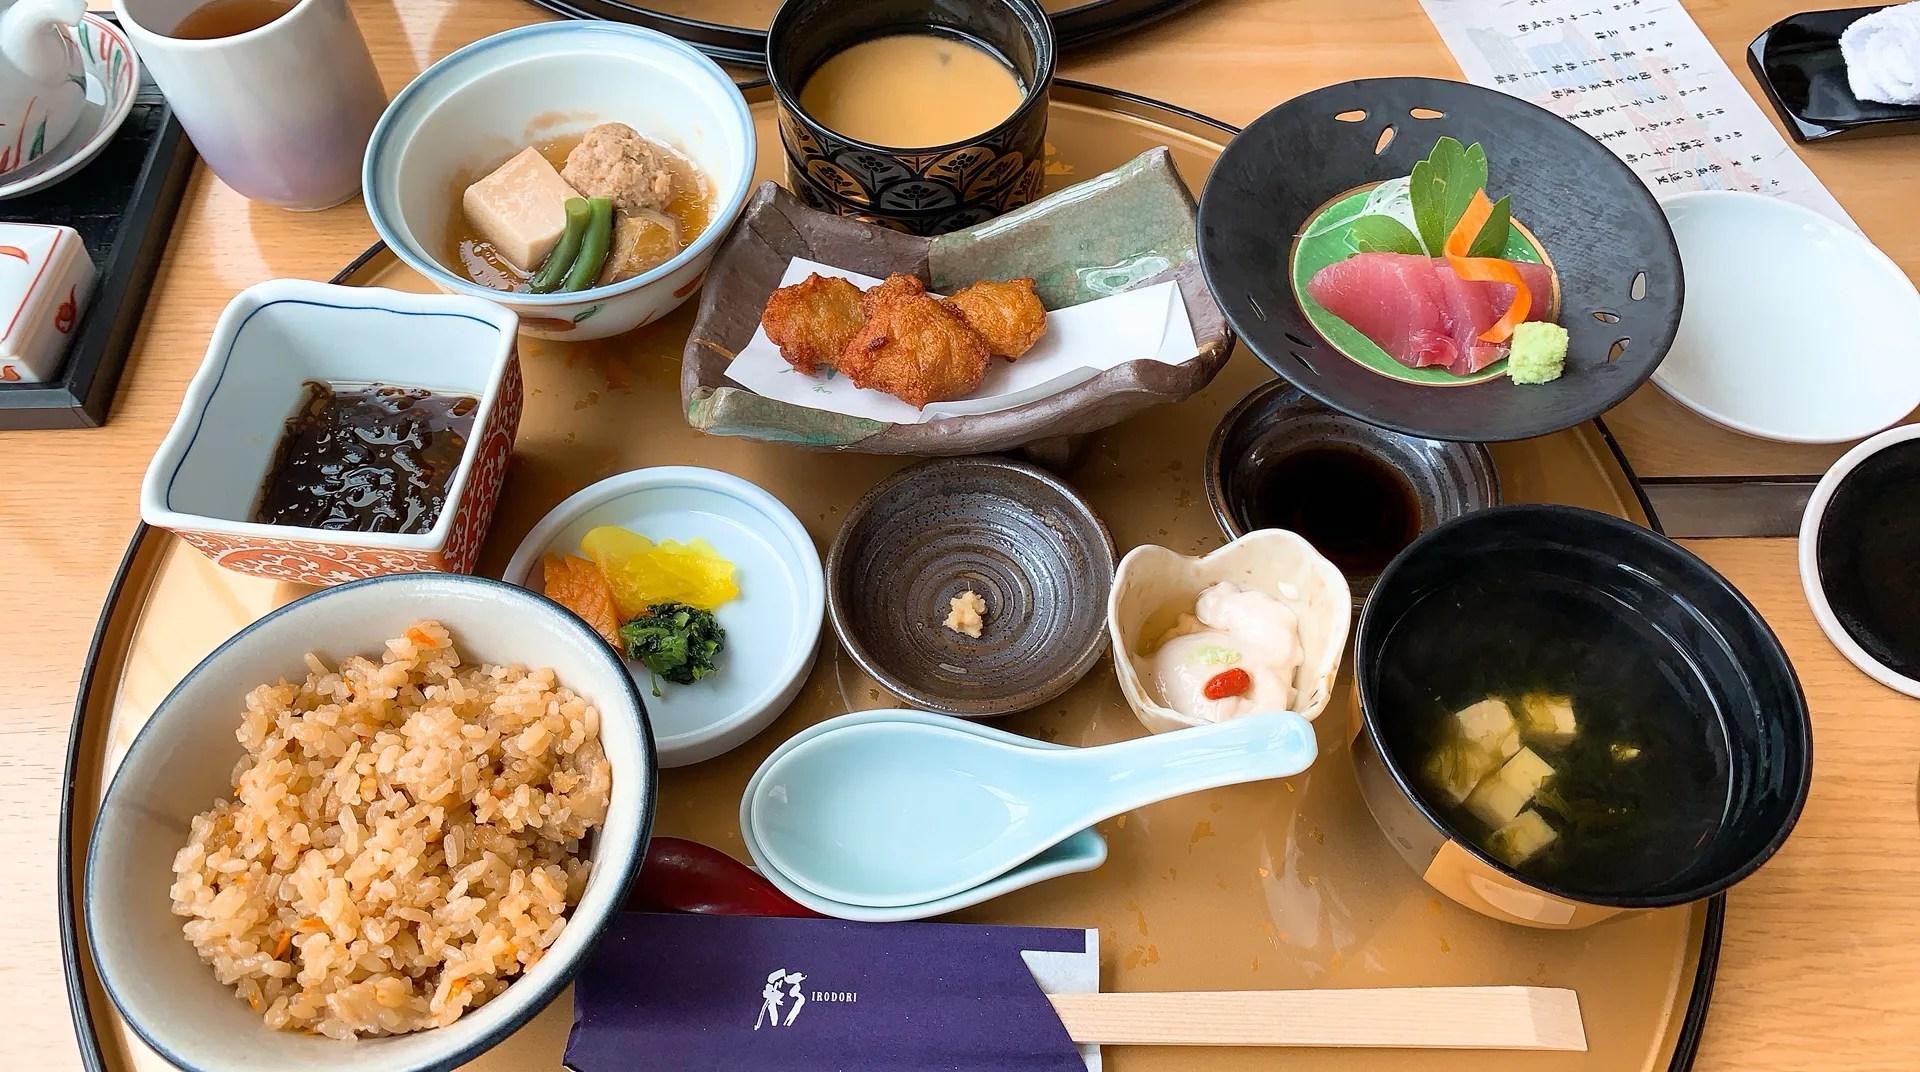 ルネッサンスリゾートオキナワ日本料理「彩」昼食うとぅいむちランチの内容は?